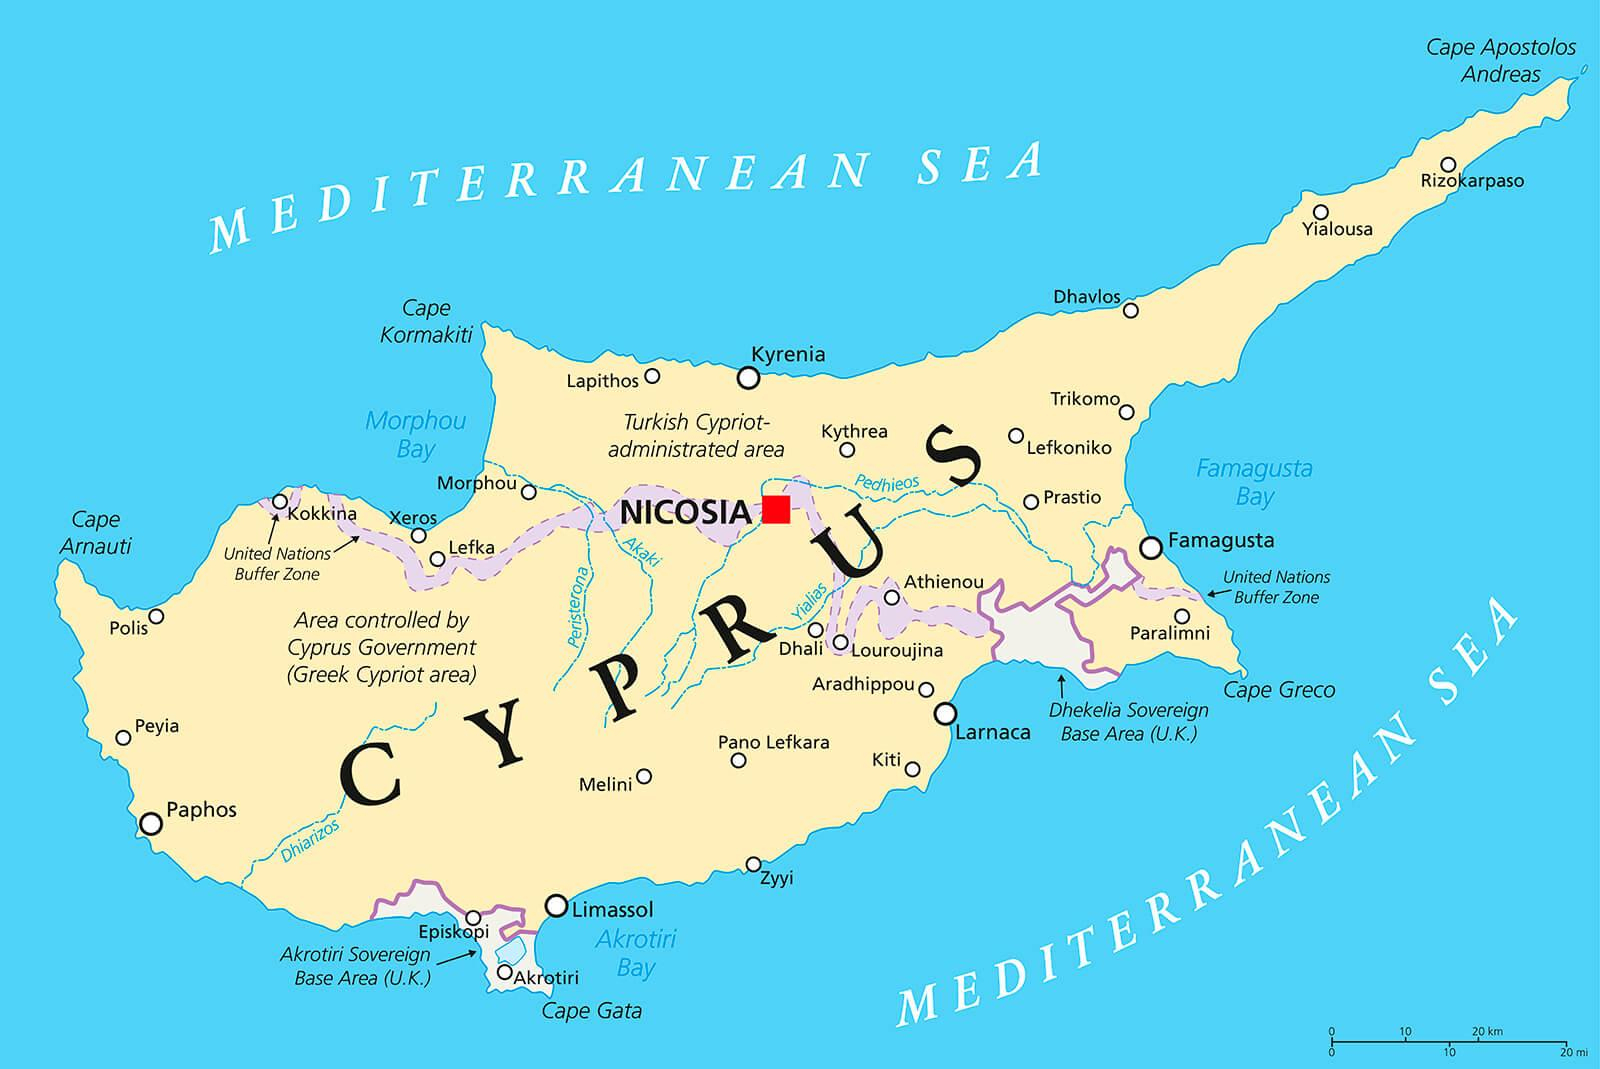 Chypre Capitale La Carte - Capitale De Chypre De La Carte dedans Carte Europe Capitale